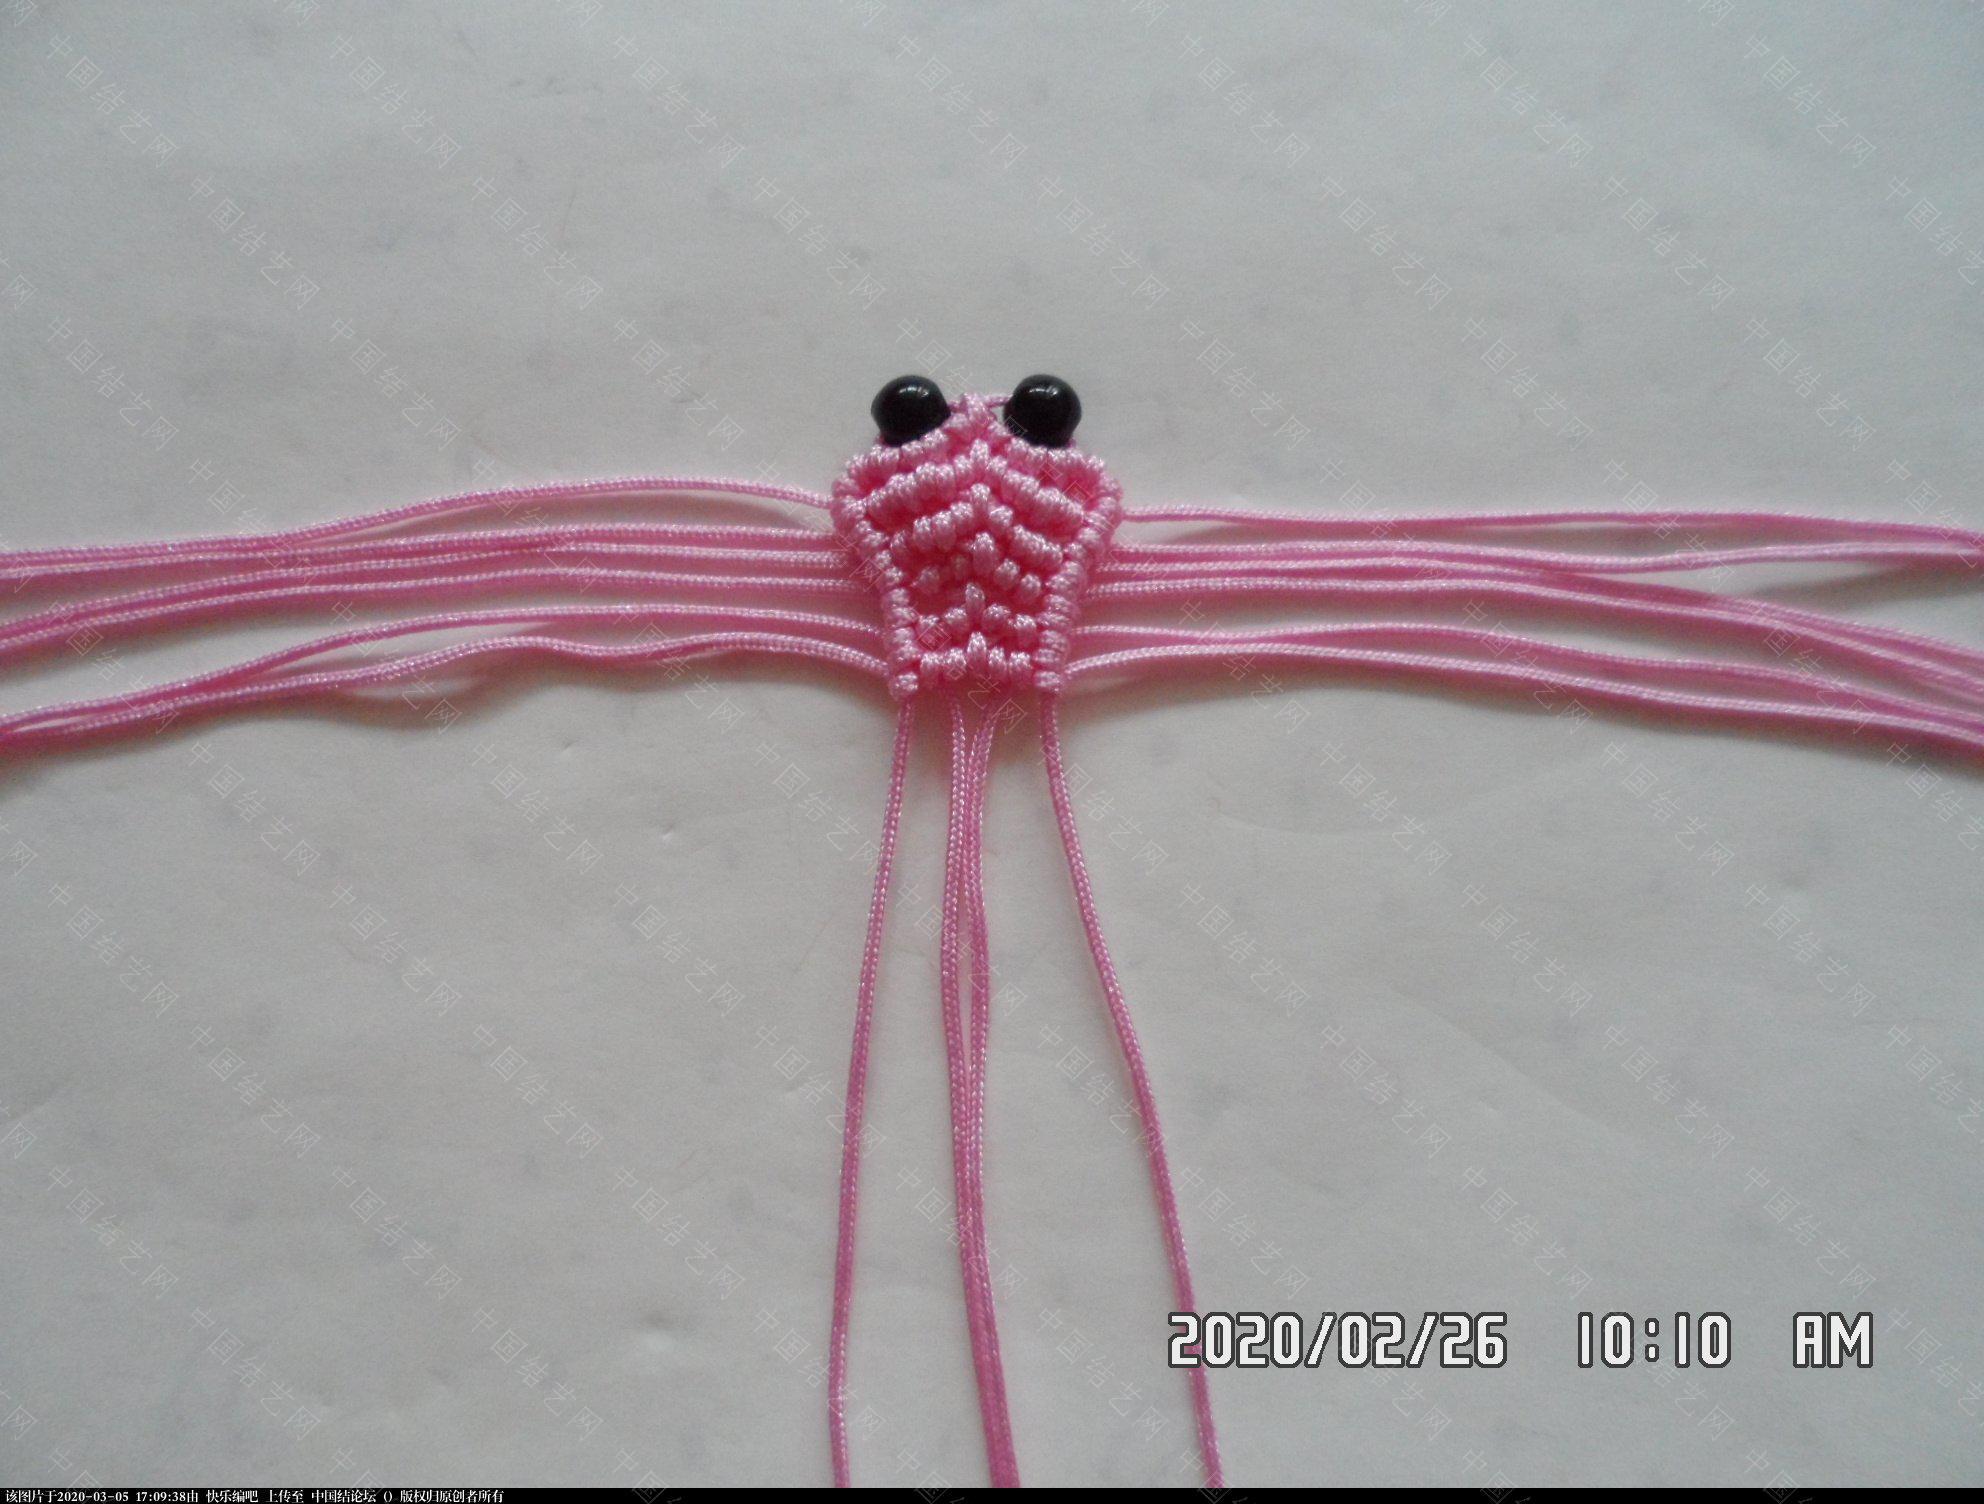 中国结论坛 一款蜻蜓书签的编法 —— 四种基本结组合练习 教程,最好的,珠子,方便,书中 图文教程区 145000jc03qjw0fpp50avc